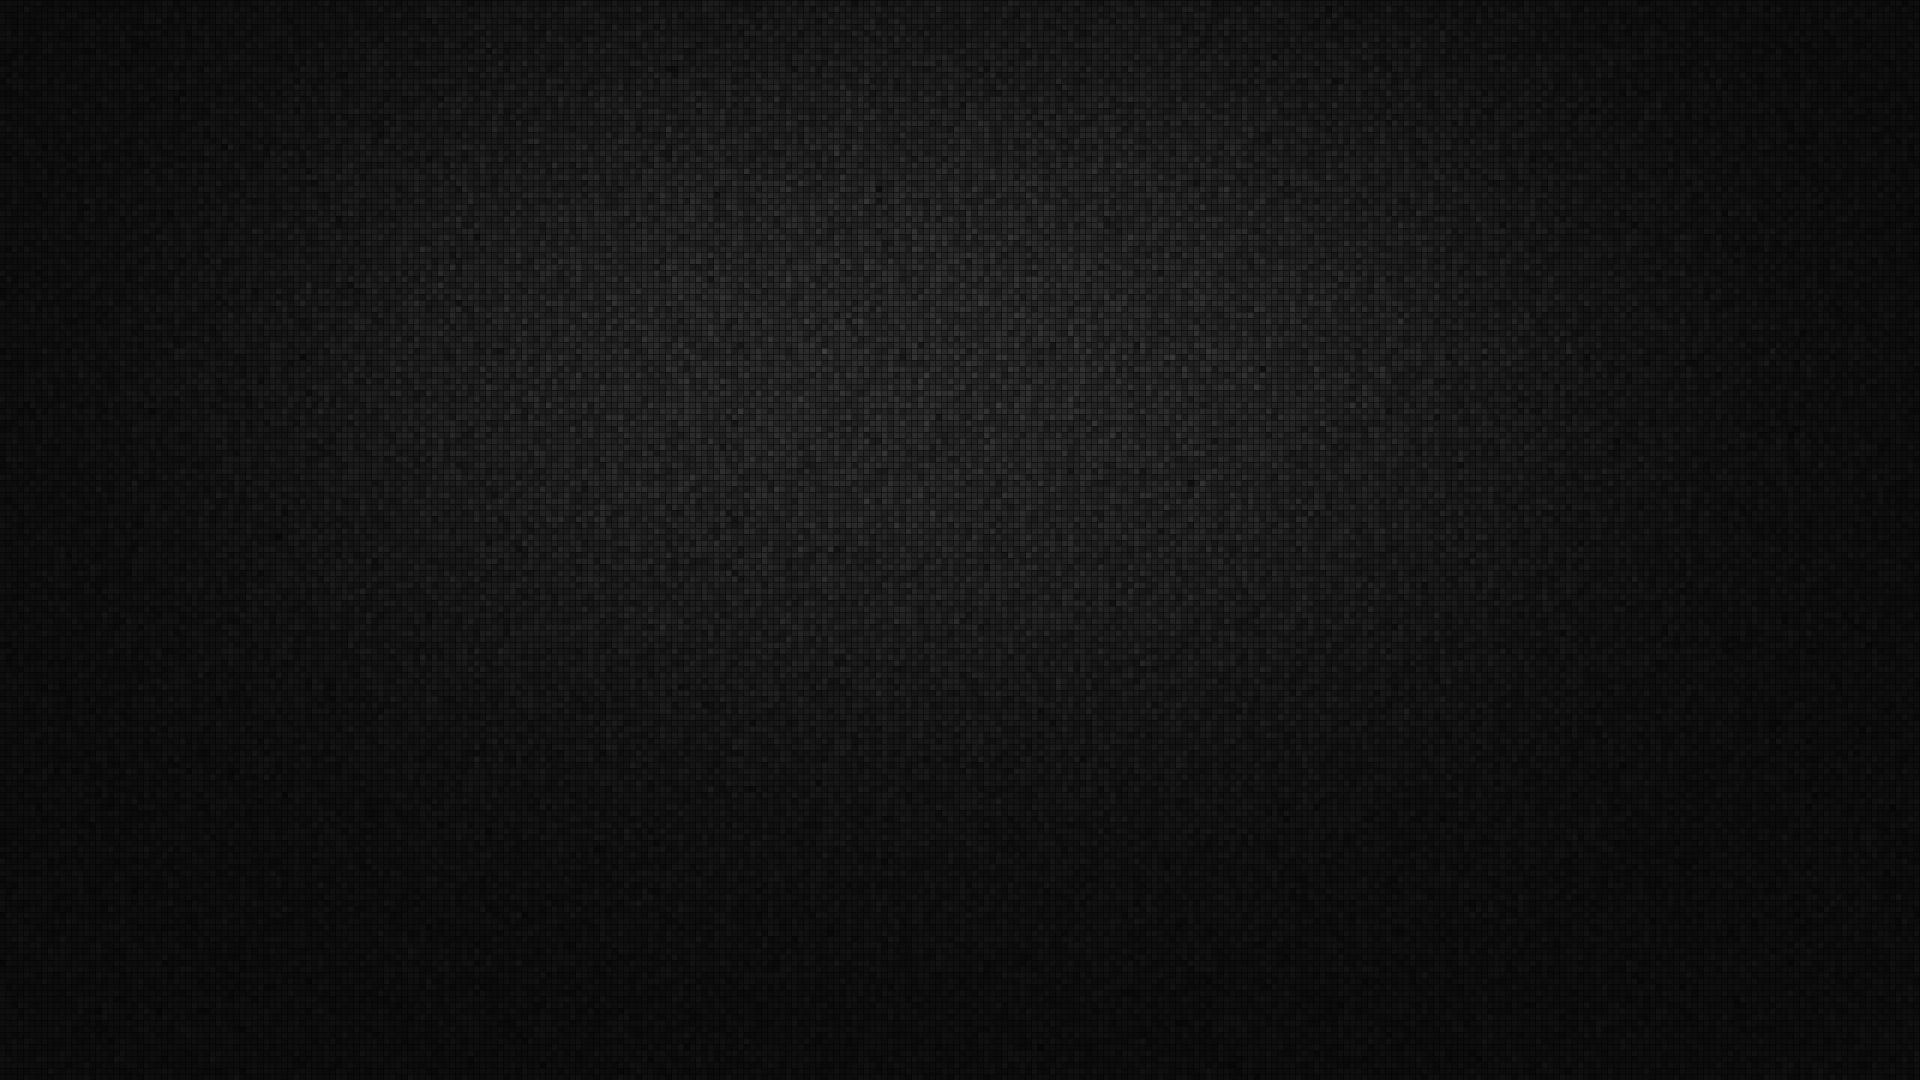 Black Computer Wallpapers Desktop Backgrounds 1920x1080 ID324423 1920x1080